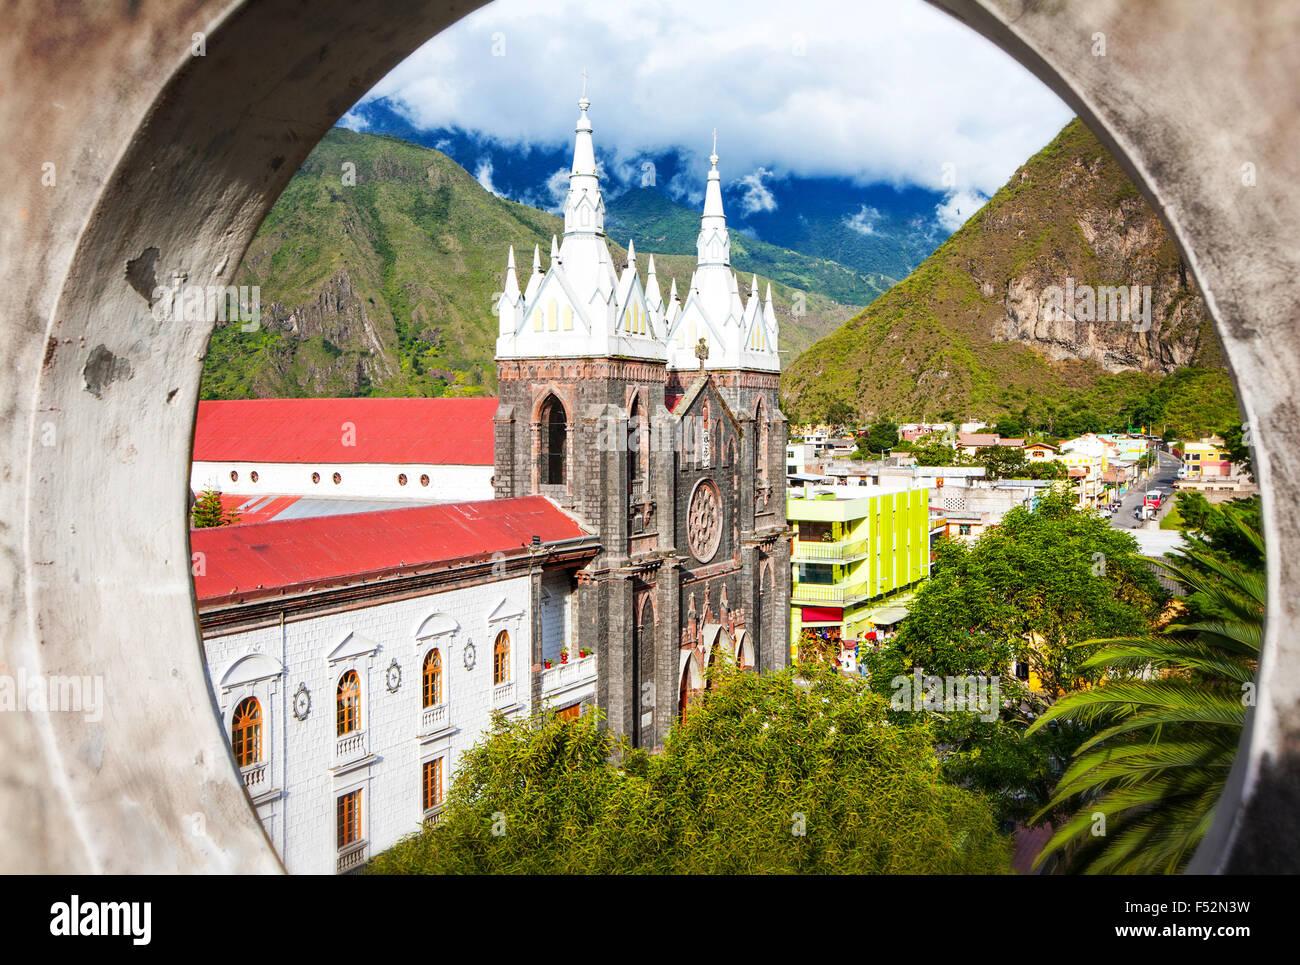 La Basilica De Nuestra Senora Del Rosario De Agua Santa Banos Ecuador - Stock Image